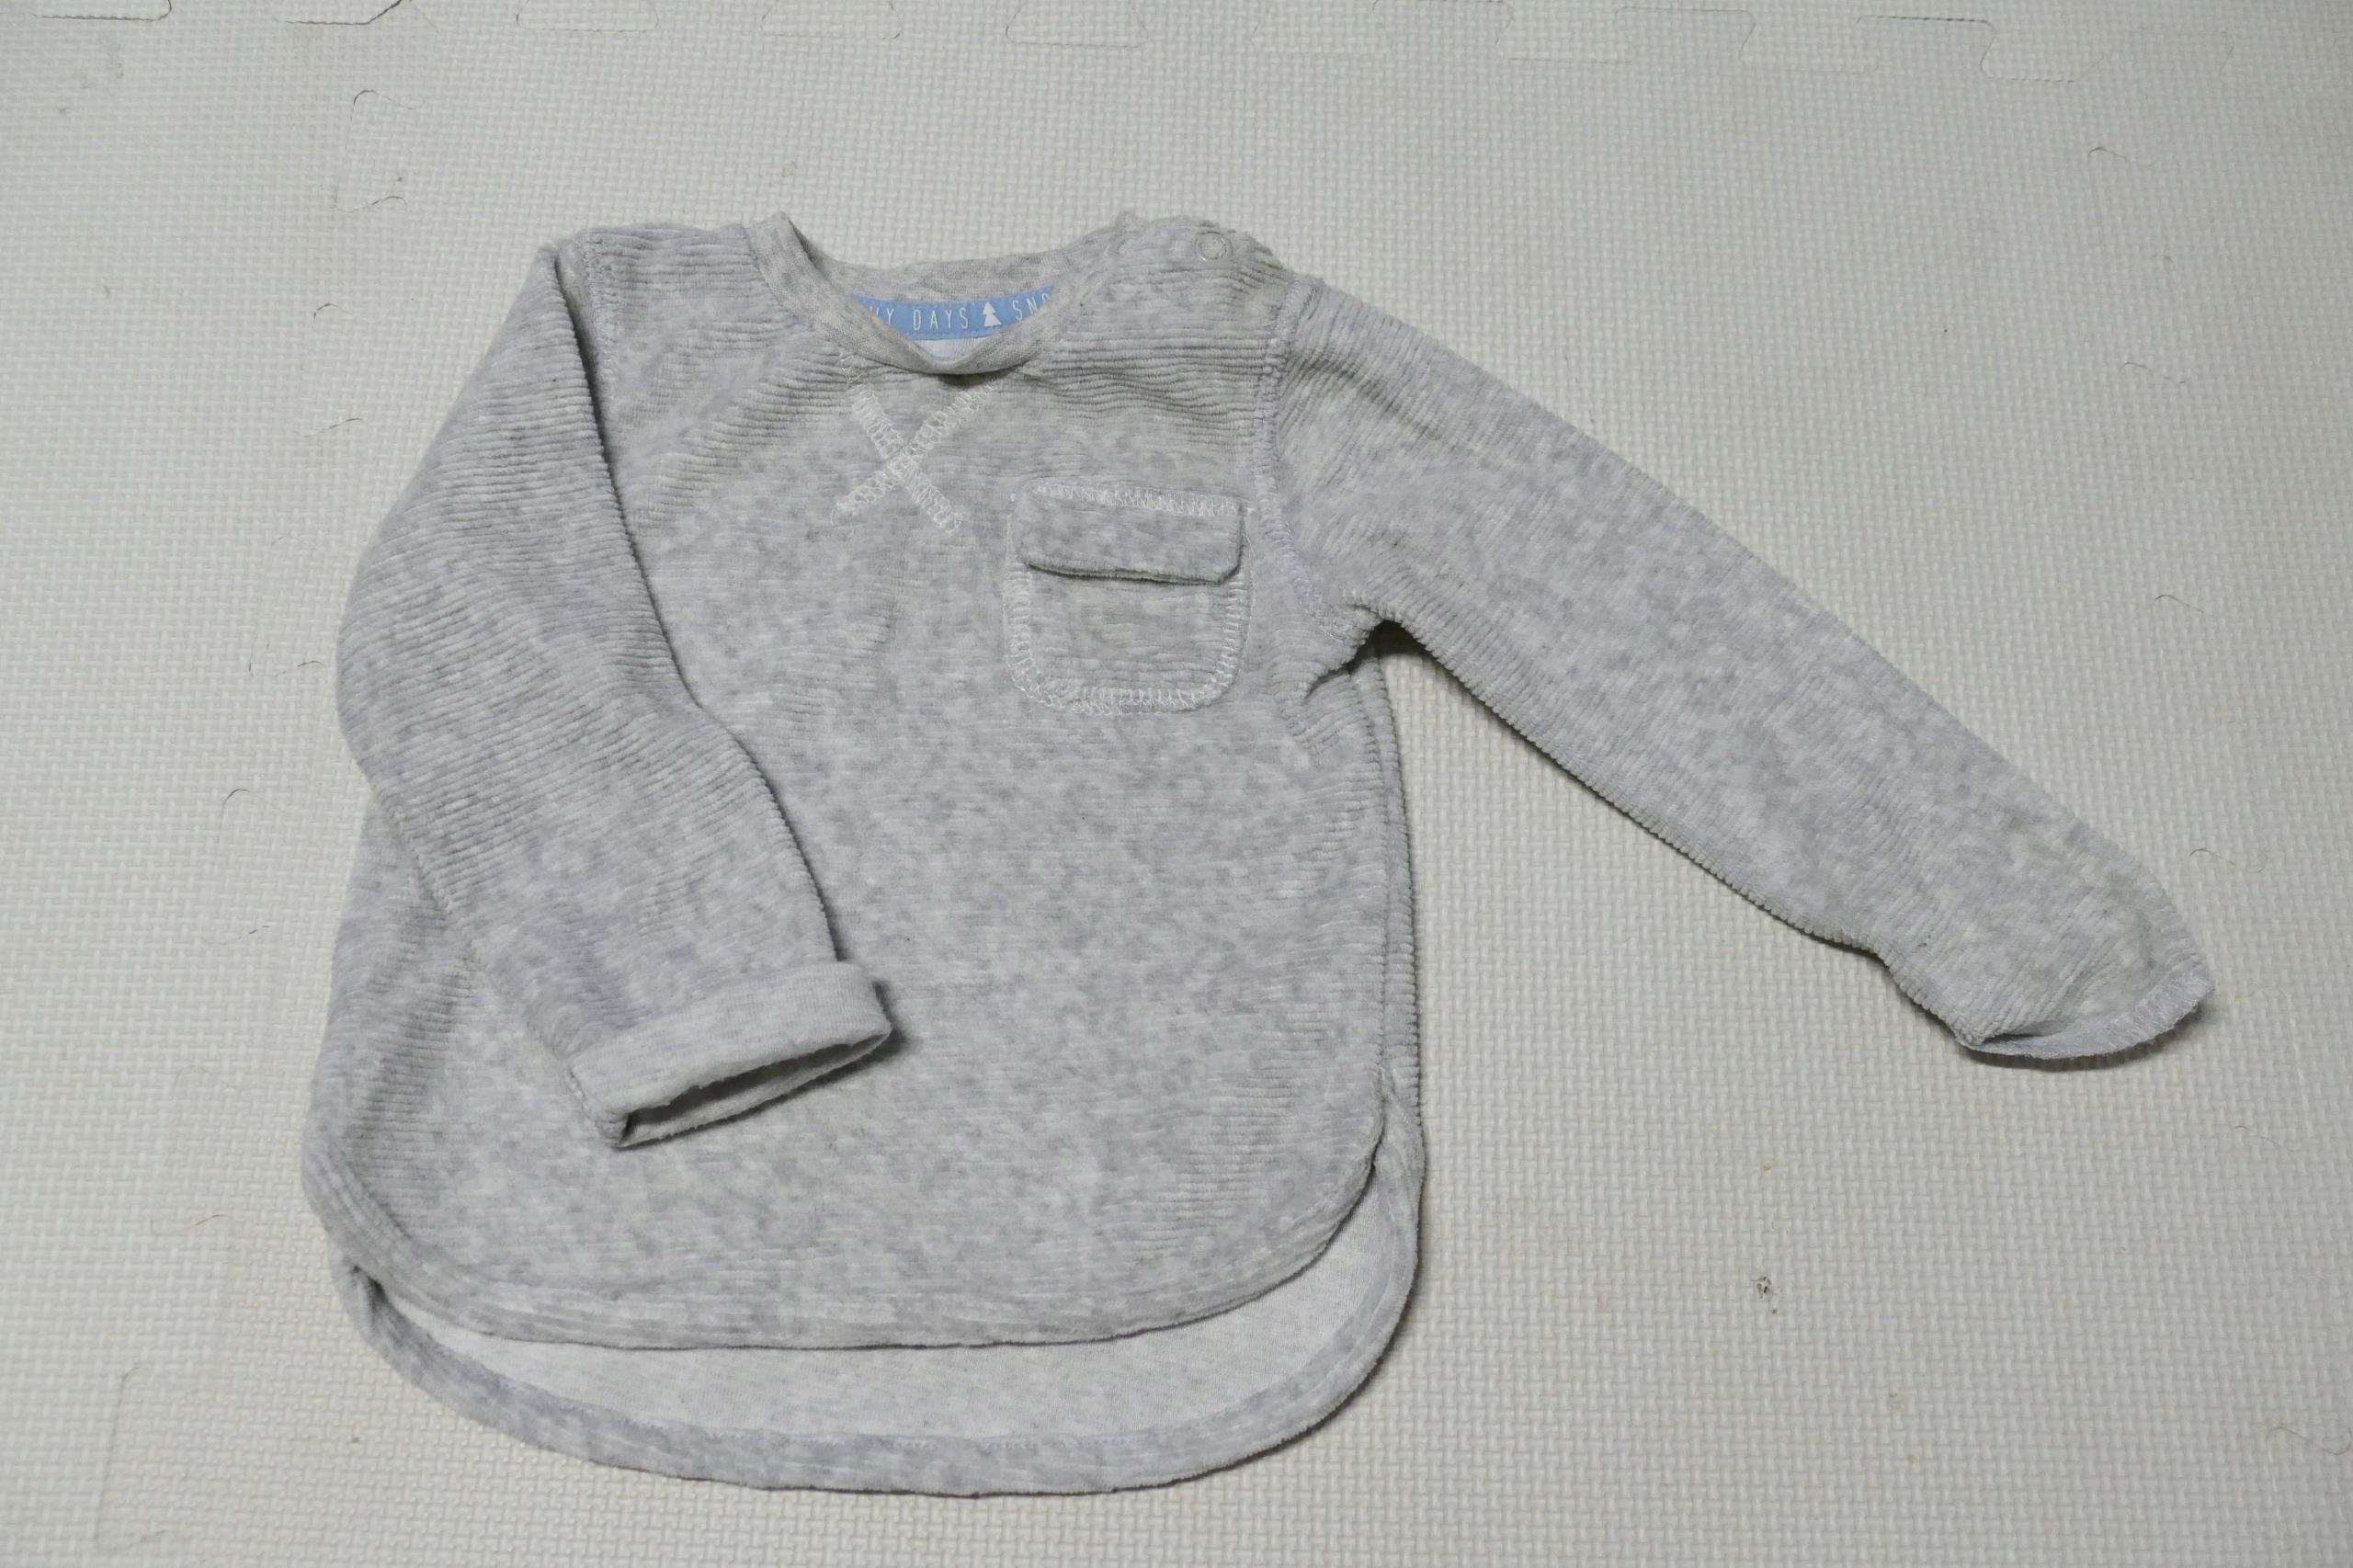 Bluza niemowlęca F&F Kids - rozm. 6-9 m.